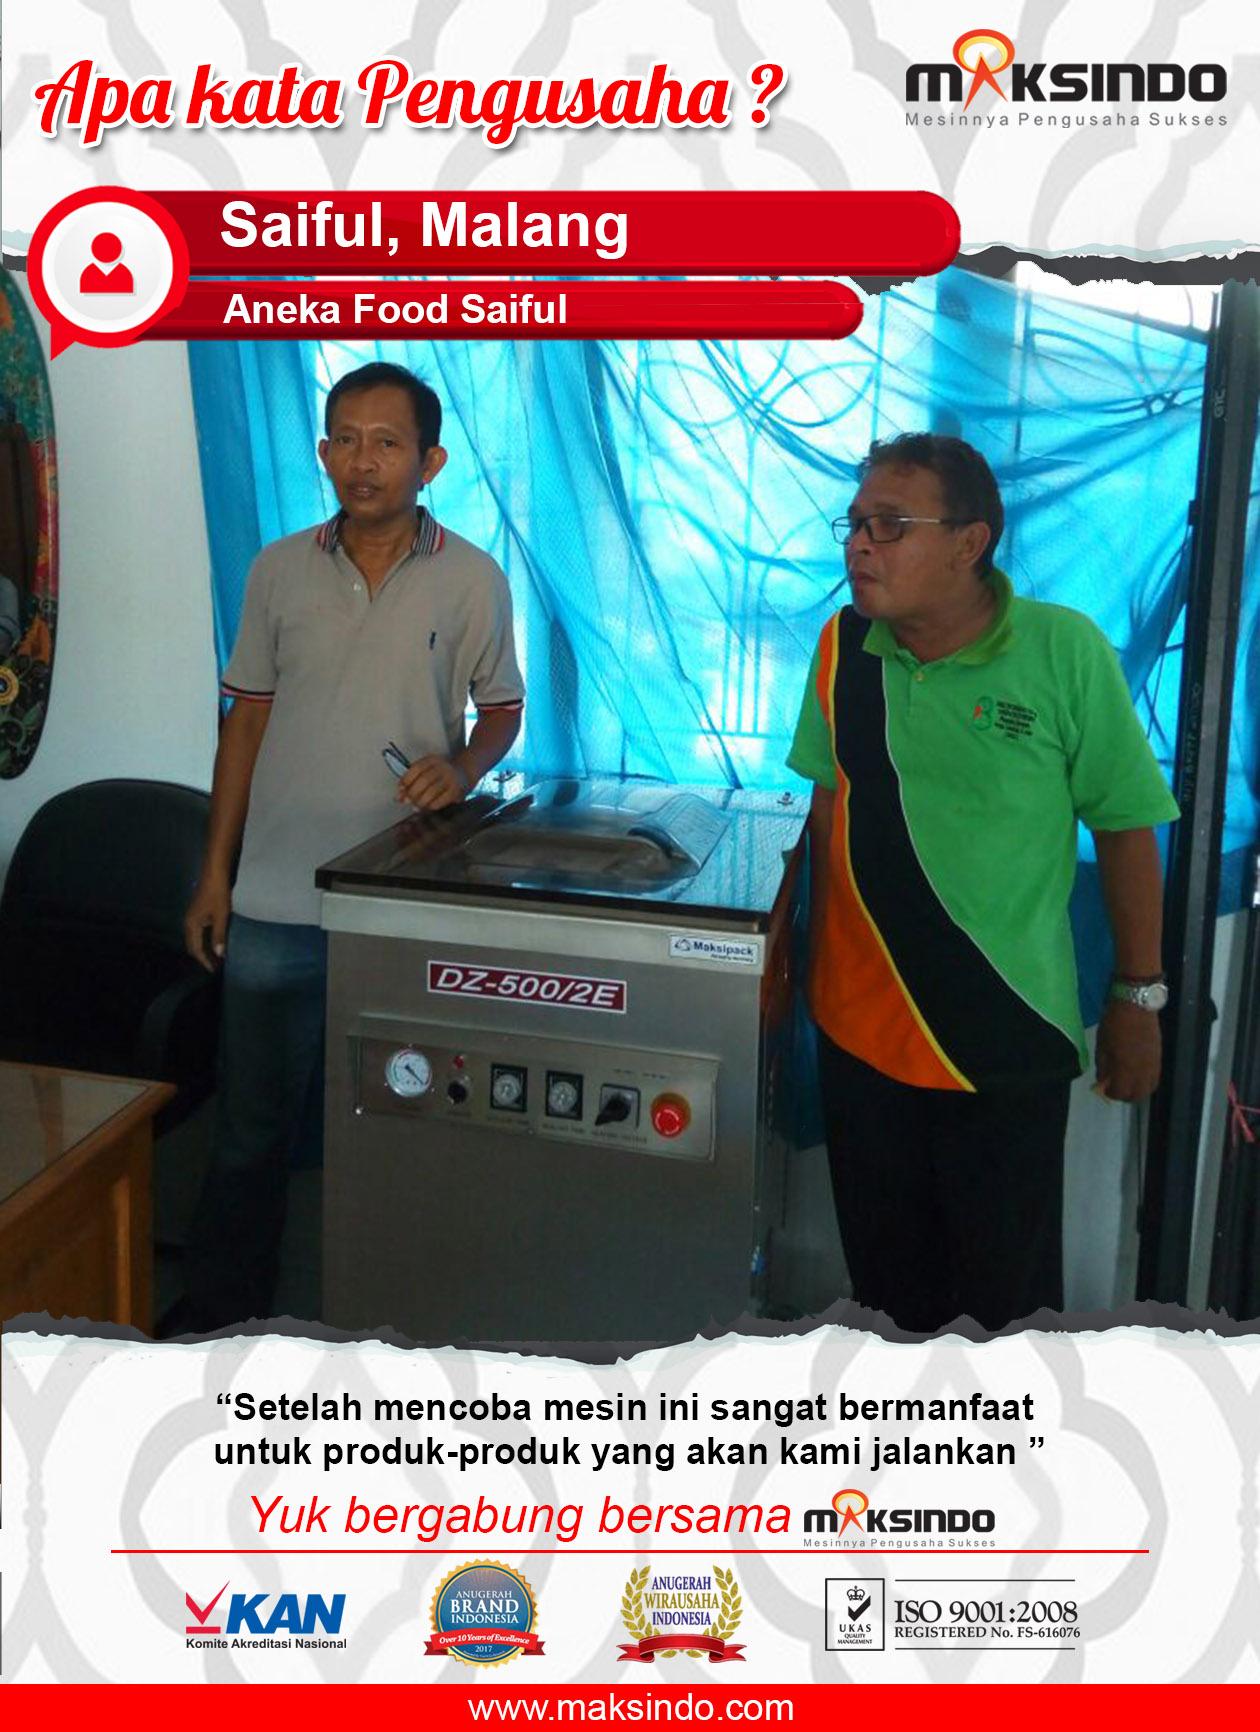 Aneka Food Saiful : Mesin Vacuum Sealer Maksindo Bermanfaat